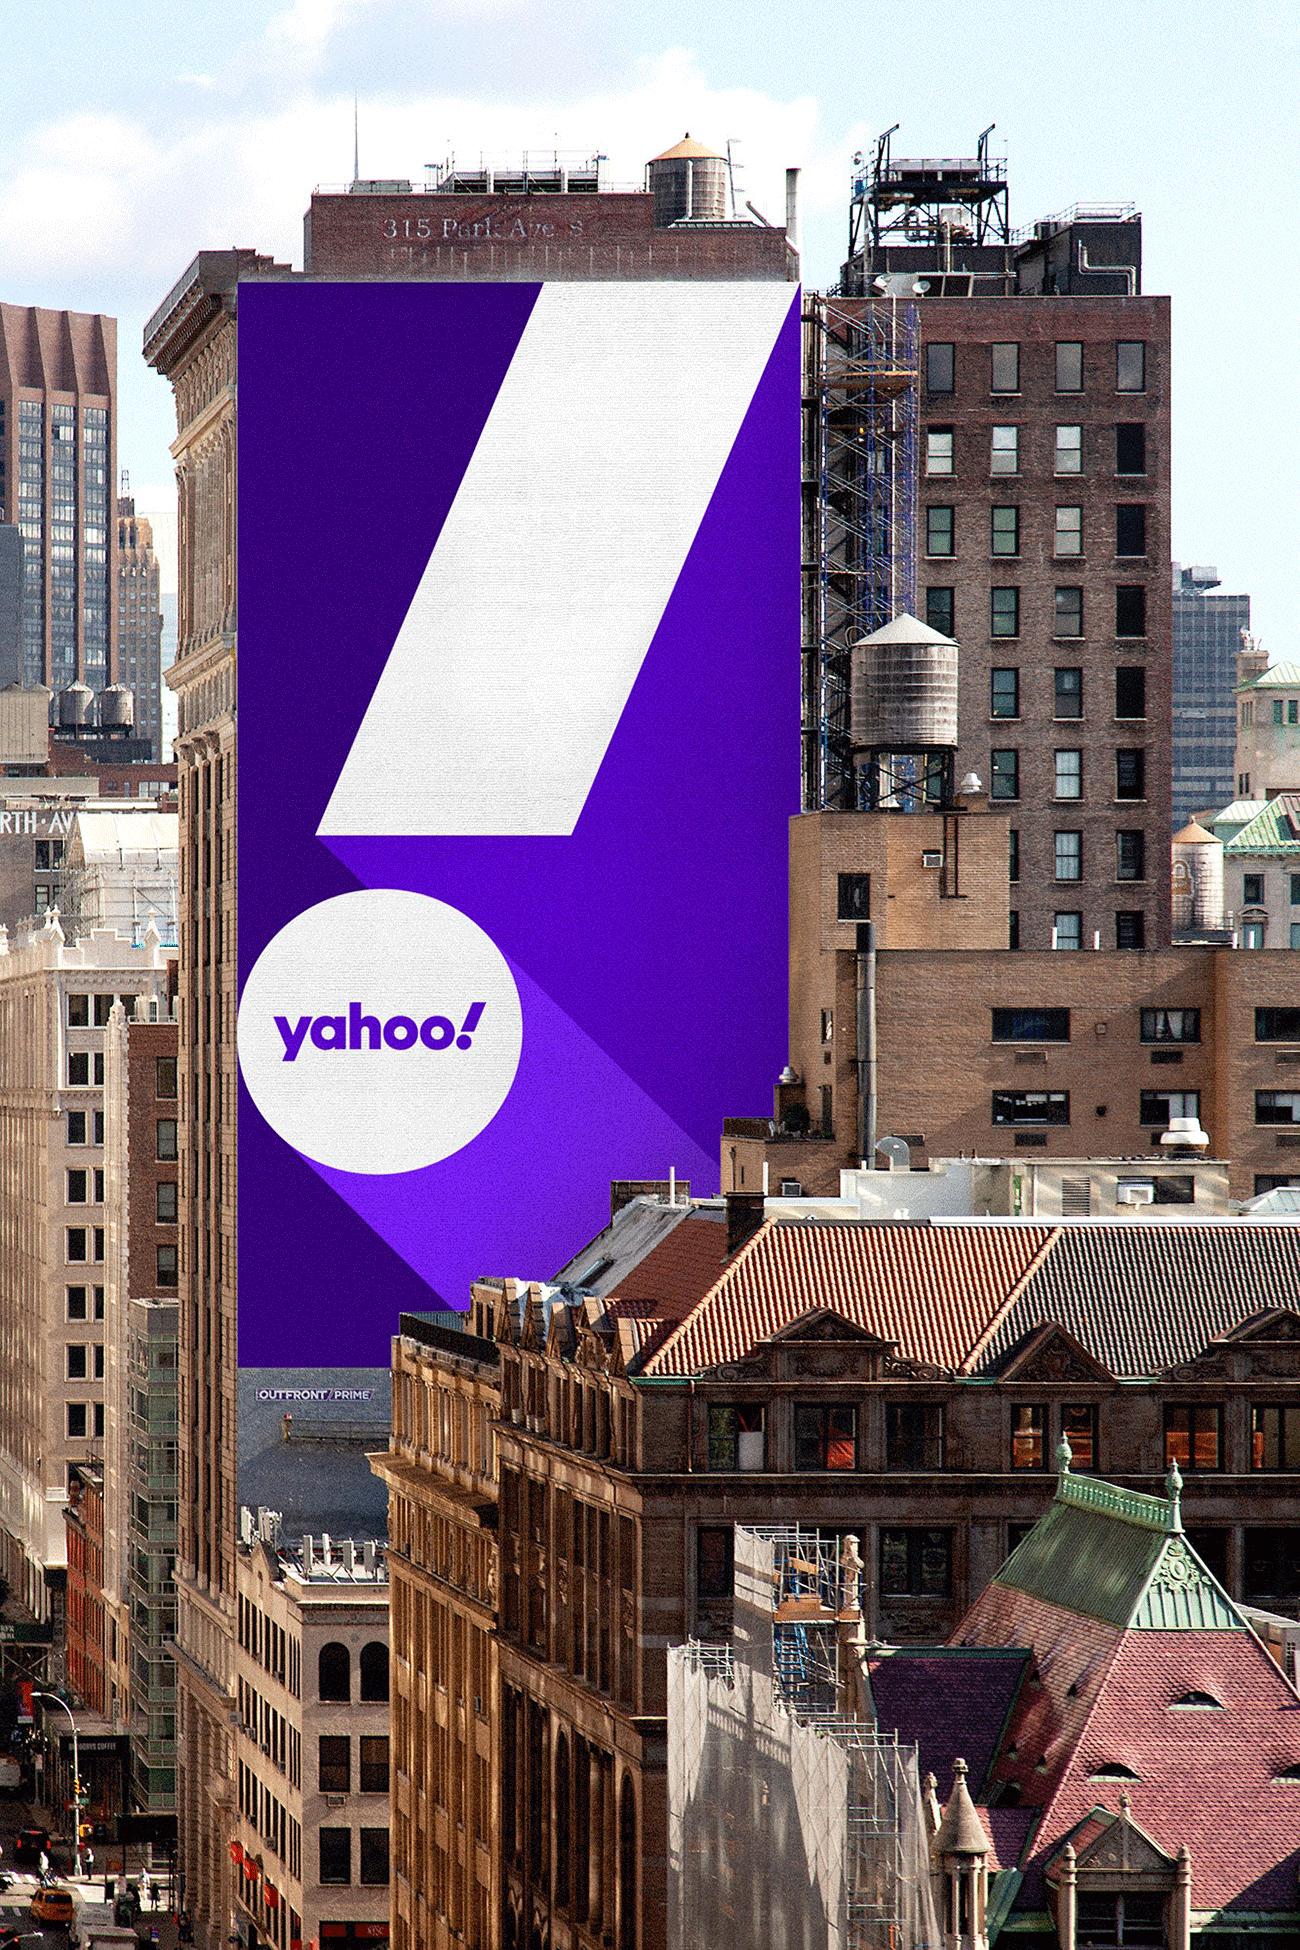 Schräger und flexibler: Pentagram modernisiert Yahoo Identity | PAGE online